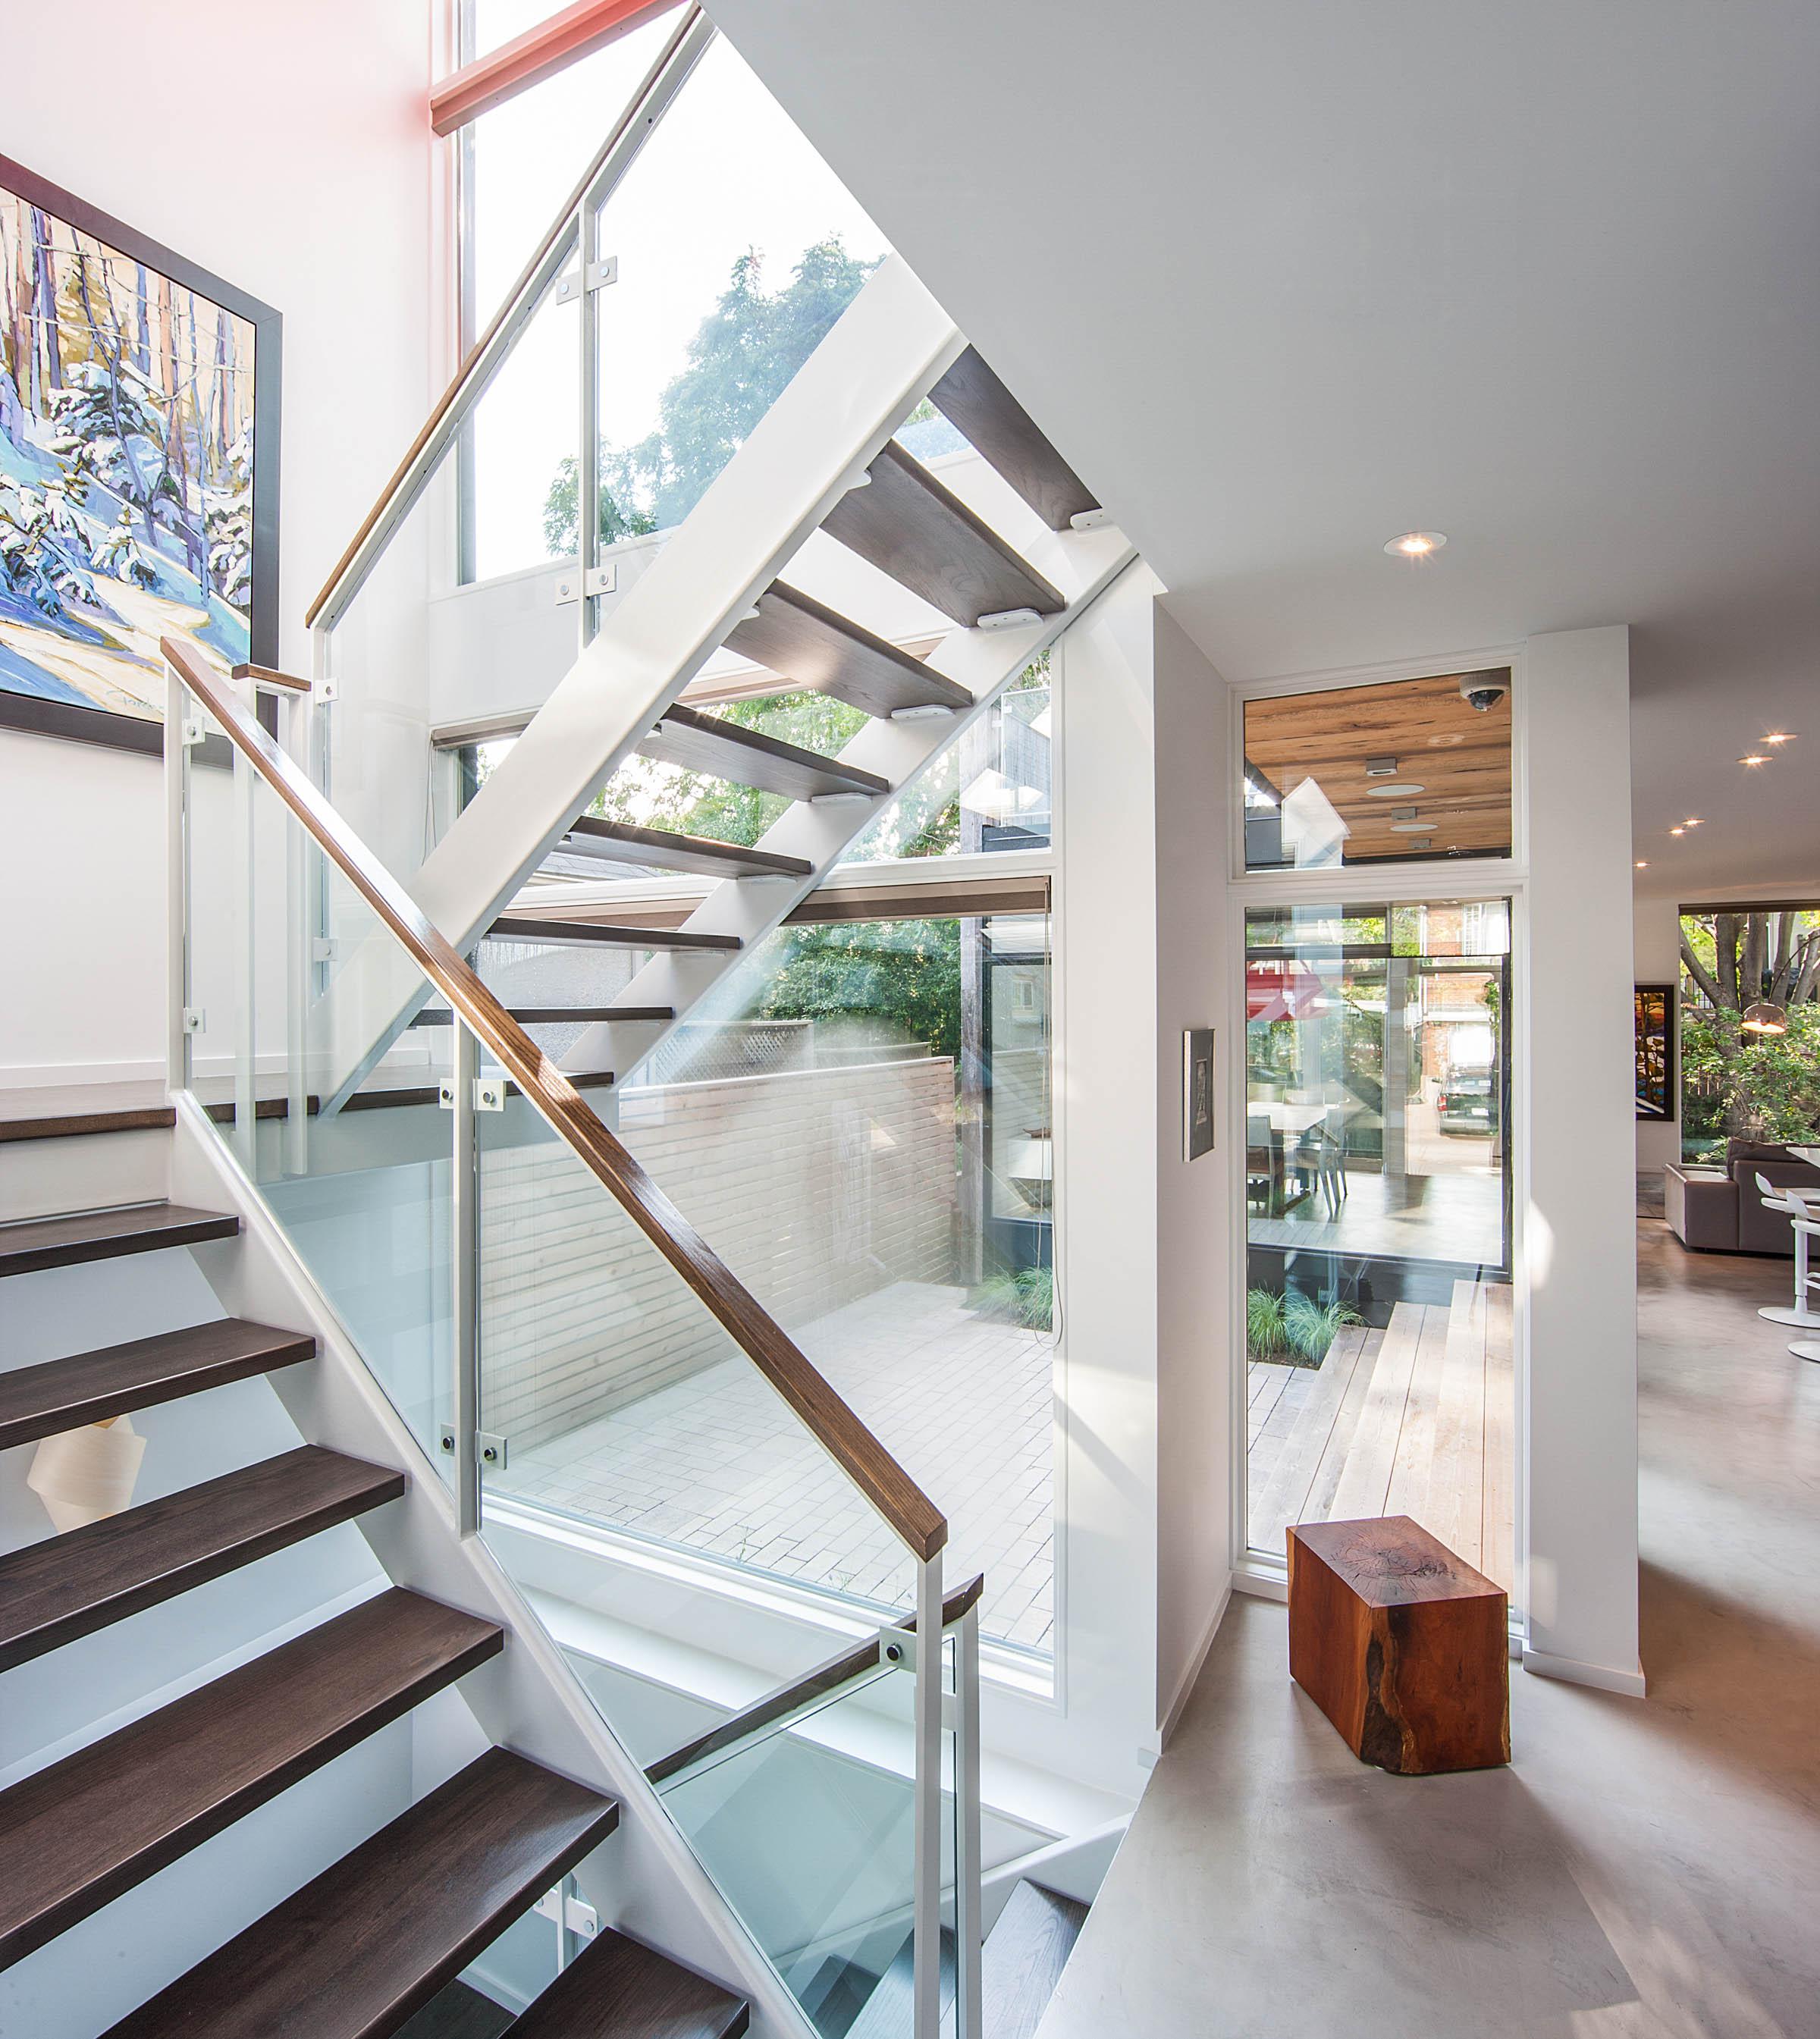 Diseño de escaleras con peldaños de madera permite el ingreso de la luz a través de ellas, un diseño ideal cuando cuando quieres que la luz no encuentre obstáculos para expandirse en el interior